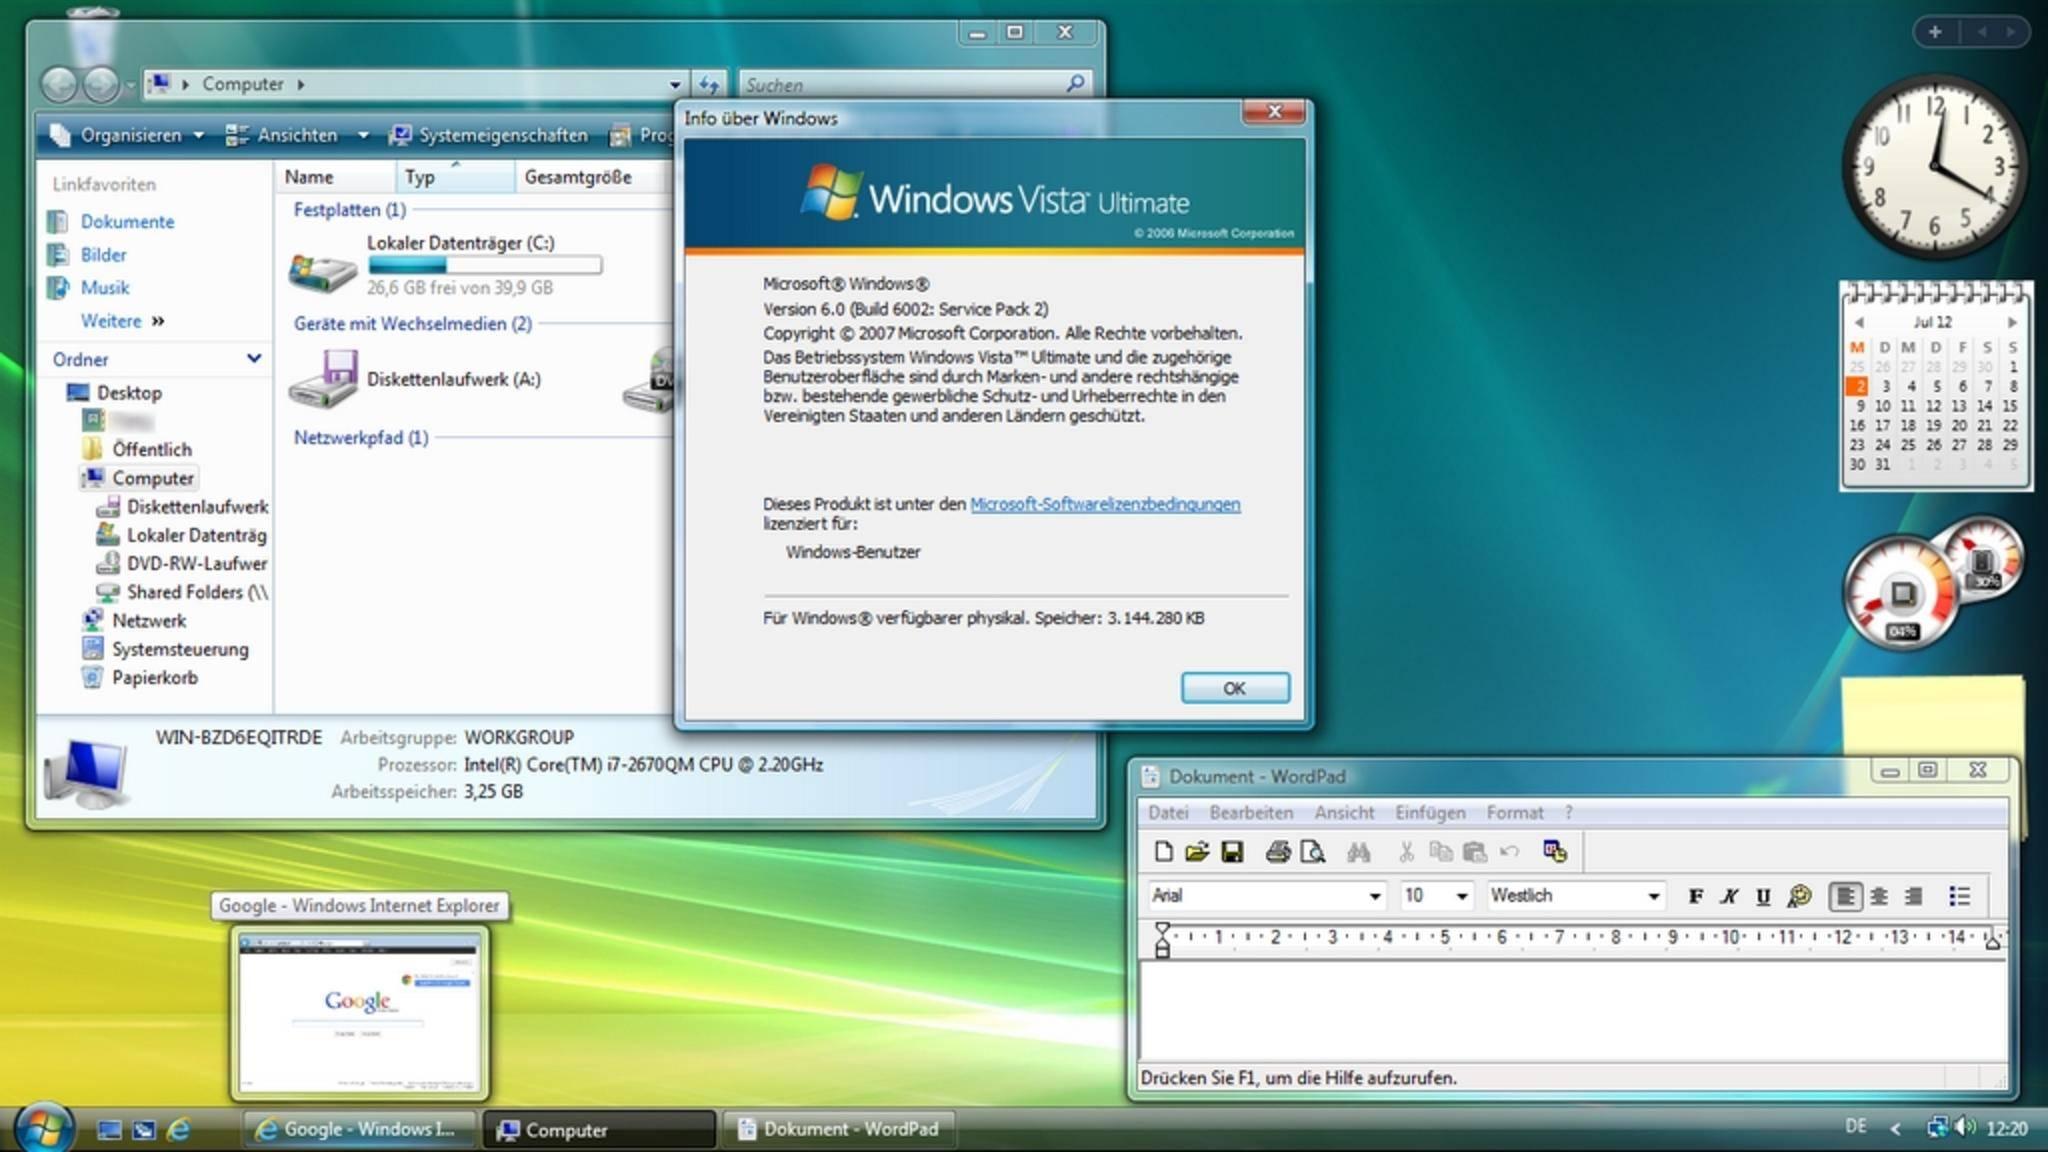 Das Interface von Windows Vista beanspruchte die Hardware übermäßig.